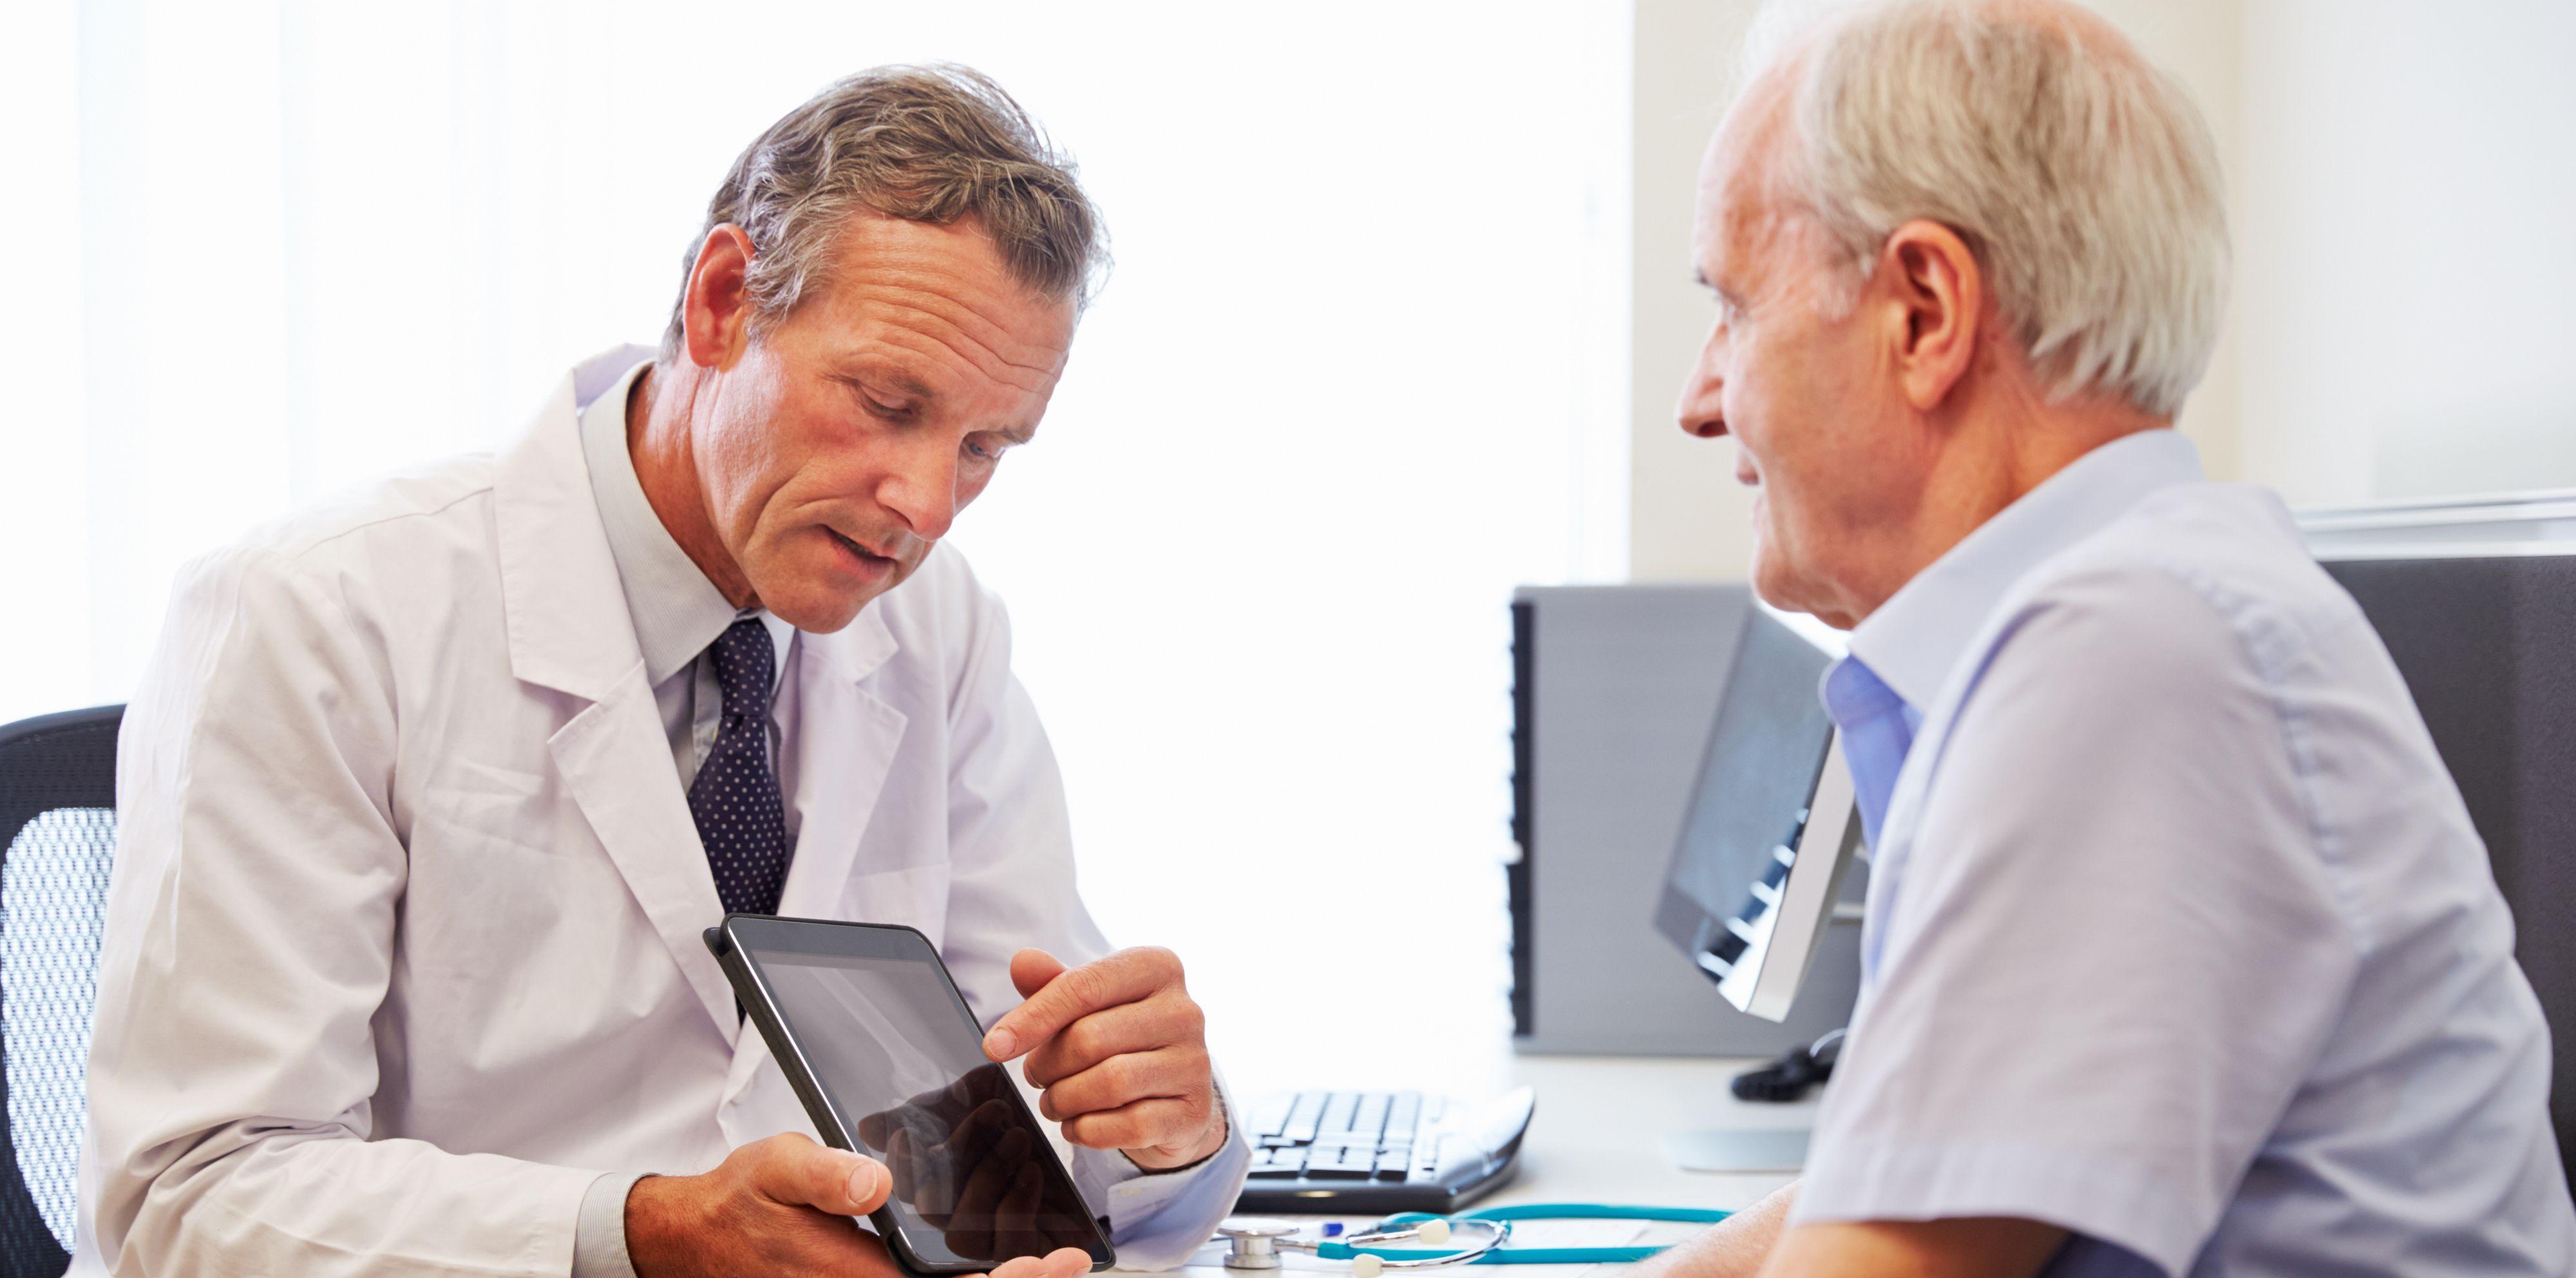 Medicare Part D Open Enrollment is Oct. 15 - Dec. 7